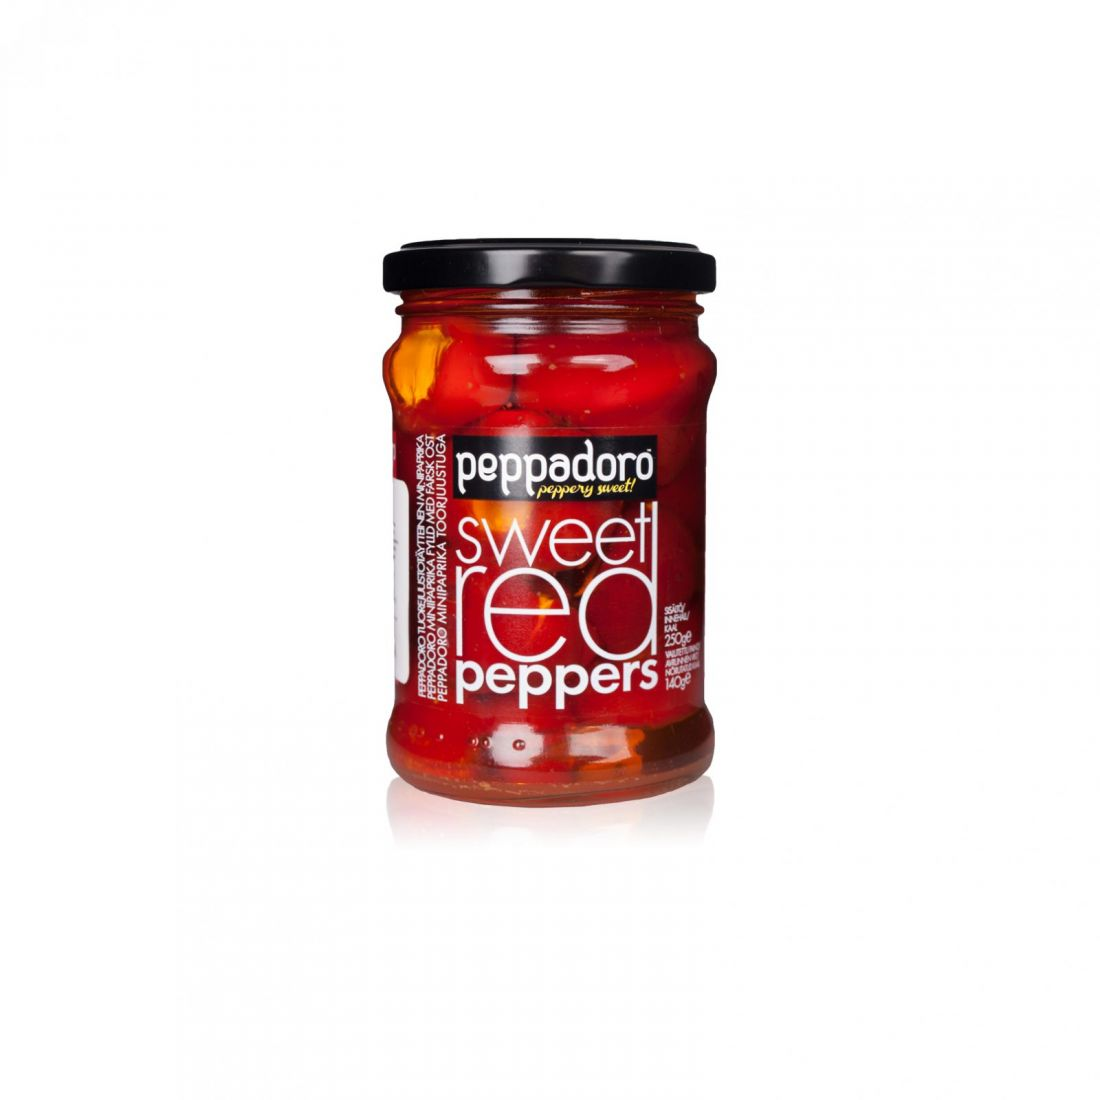 Перцы с сыром Peppadoro - 250 гр